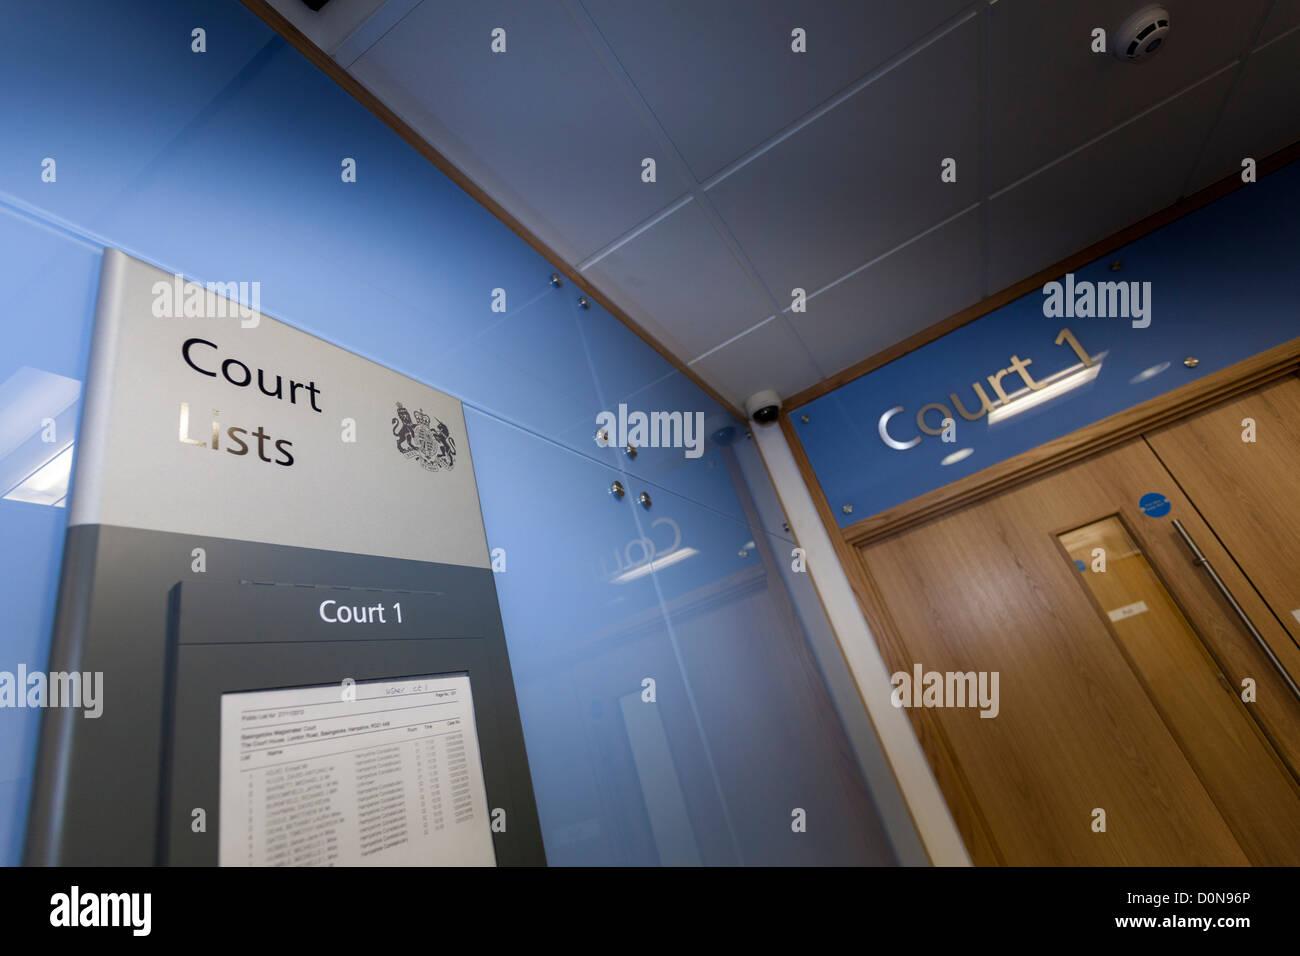 Tablón de anuncios de la lista de corte fuera del Tribunal número uno en Basingstoke Tribunales. Foto de stock